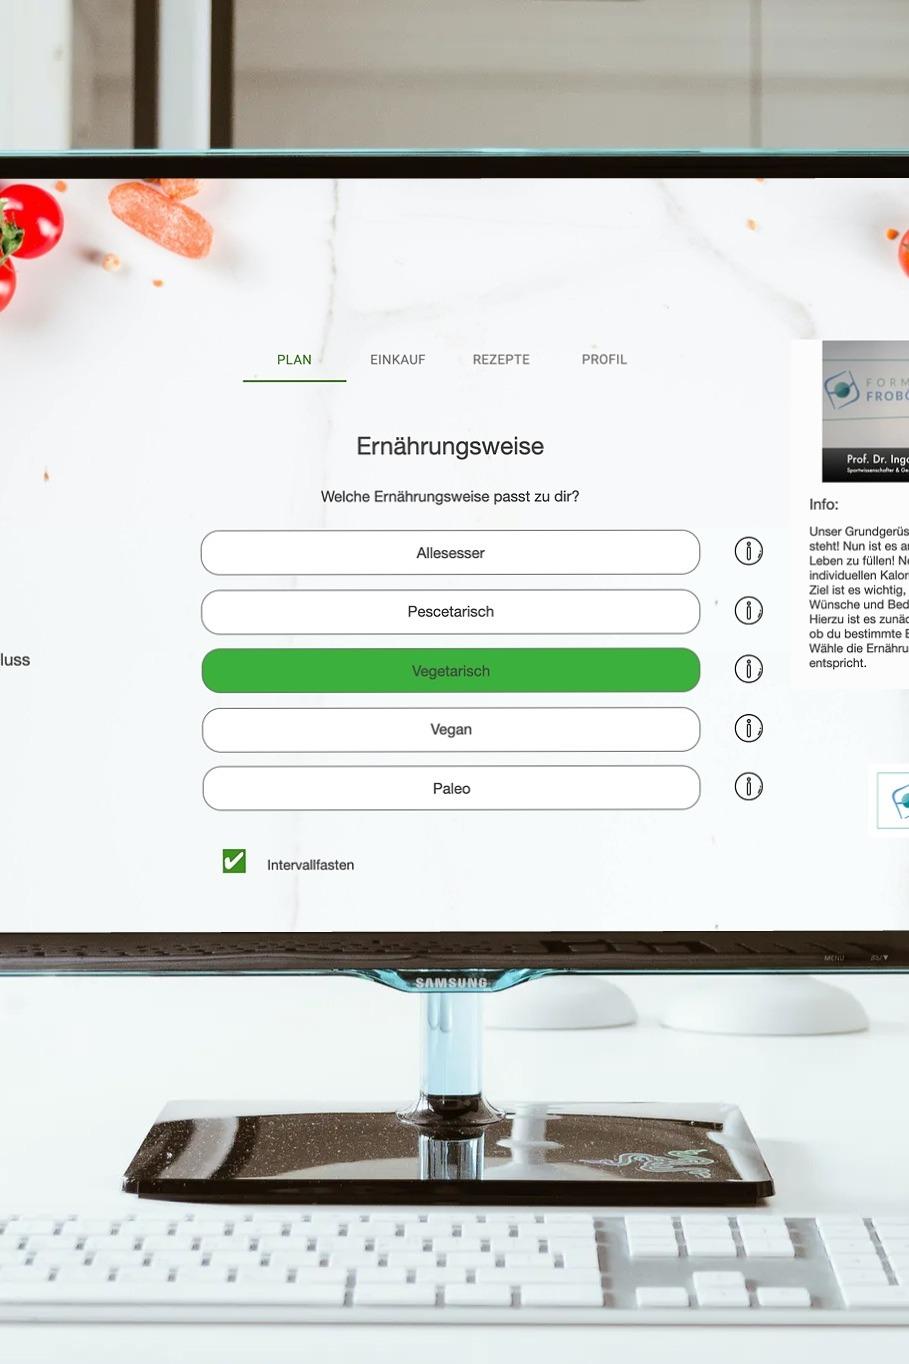 Ernährungs-Software + App für Personal Trainer, Ernährungsberater, Fitness Coaches und Fitnessstudios - Anamnesebogen